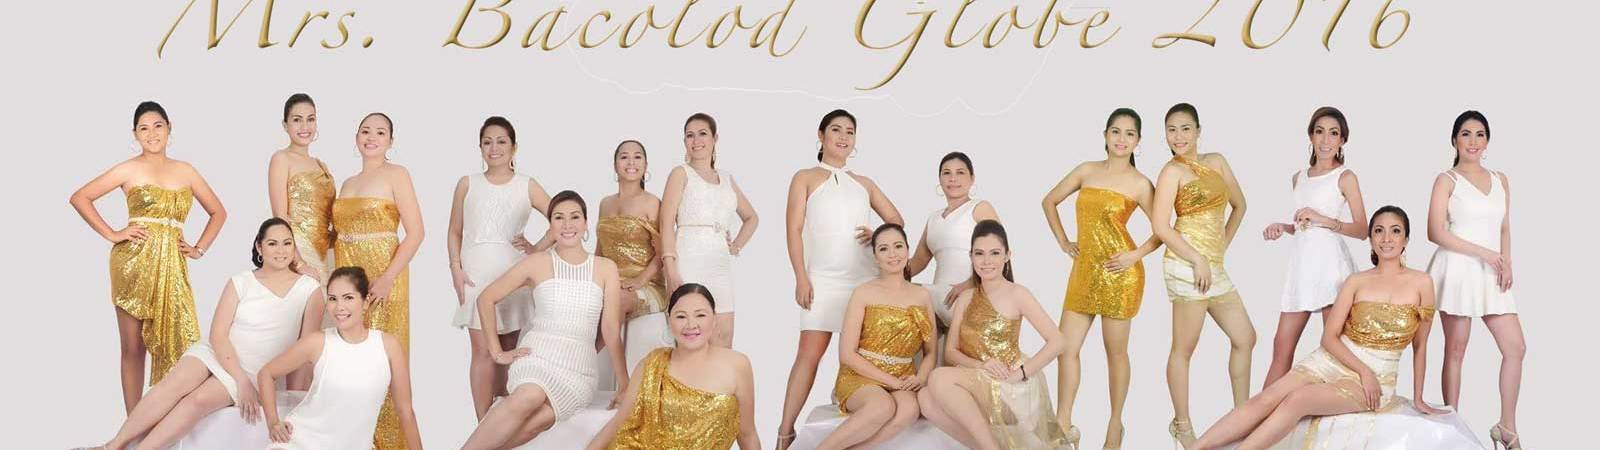 Mrs. Bacolod Globe 2016